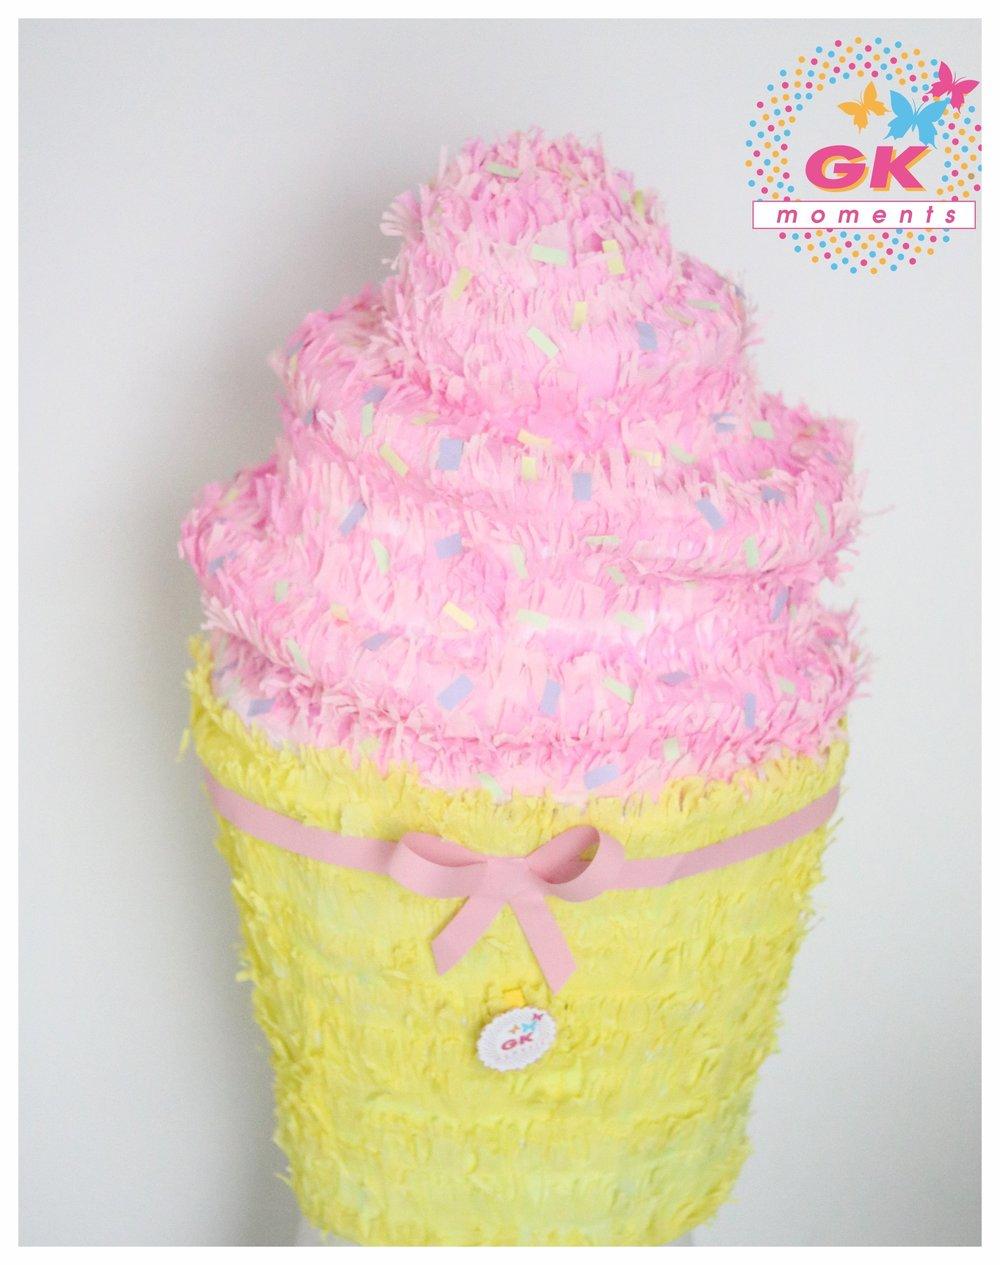 Cupcake Pinata by GK Moments